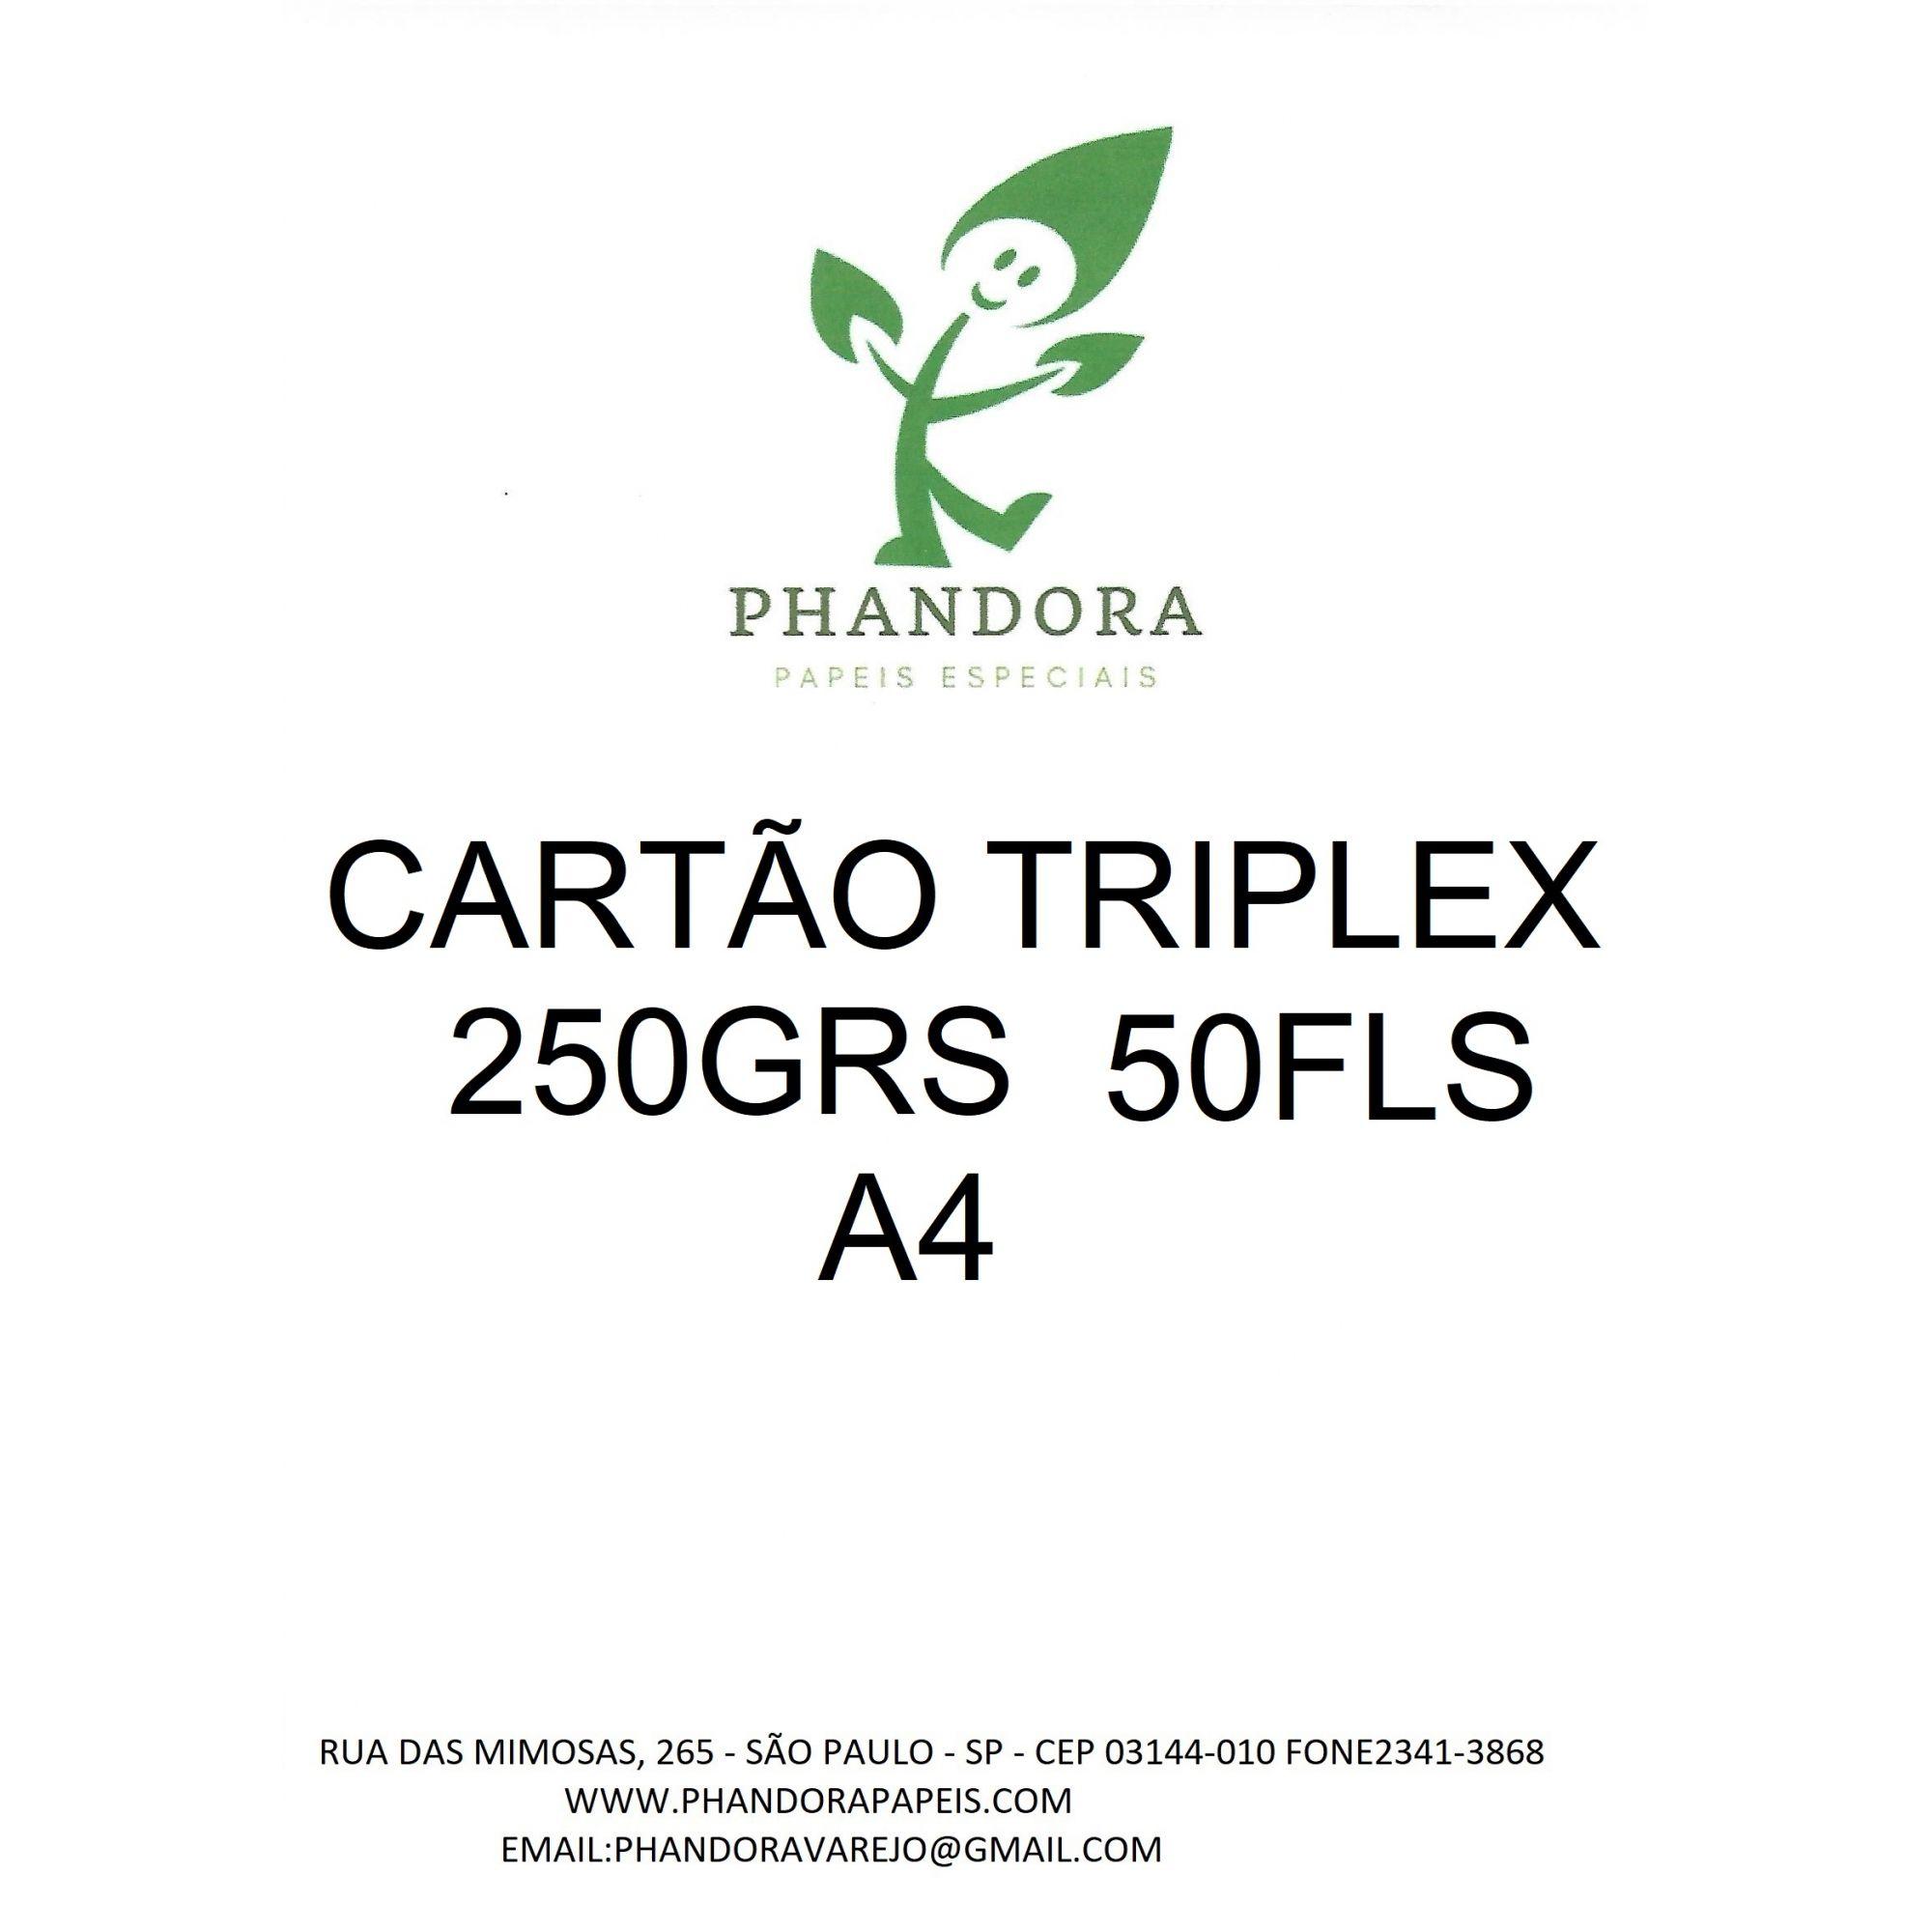 Papel Cartão Triplex 250g a4 embalagem com 50 folhas phandora